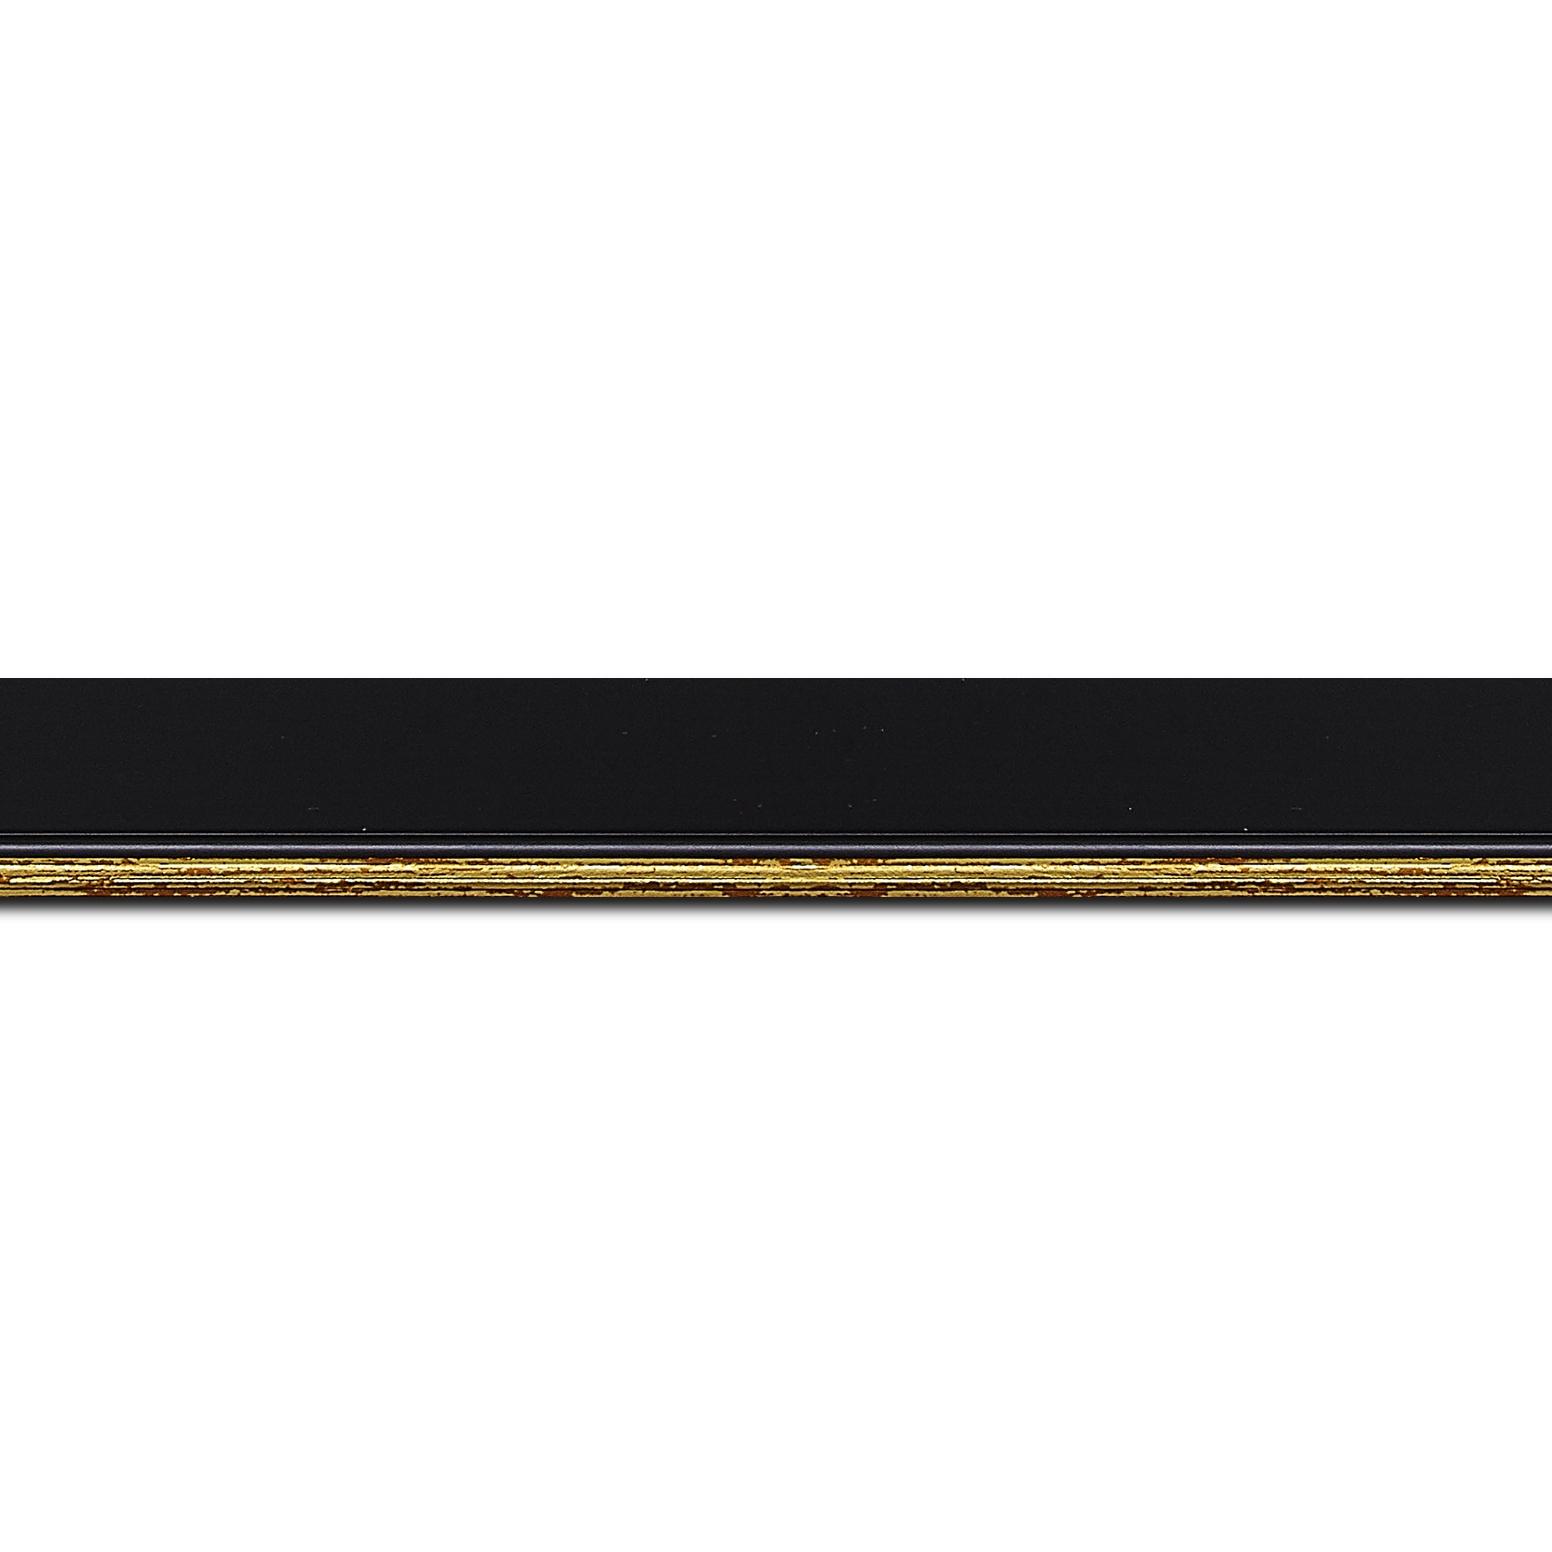 Baguette longueur 1.40m bois profil plat largeur 2.5cm couleur noir finition pore bouché filet or